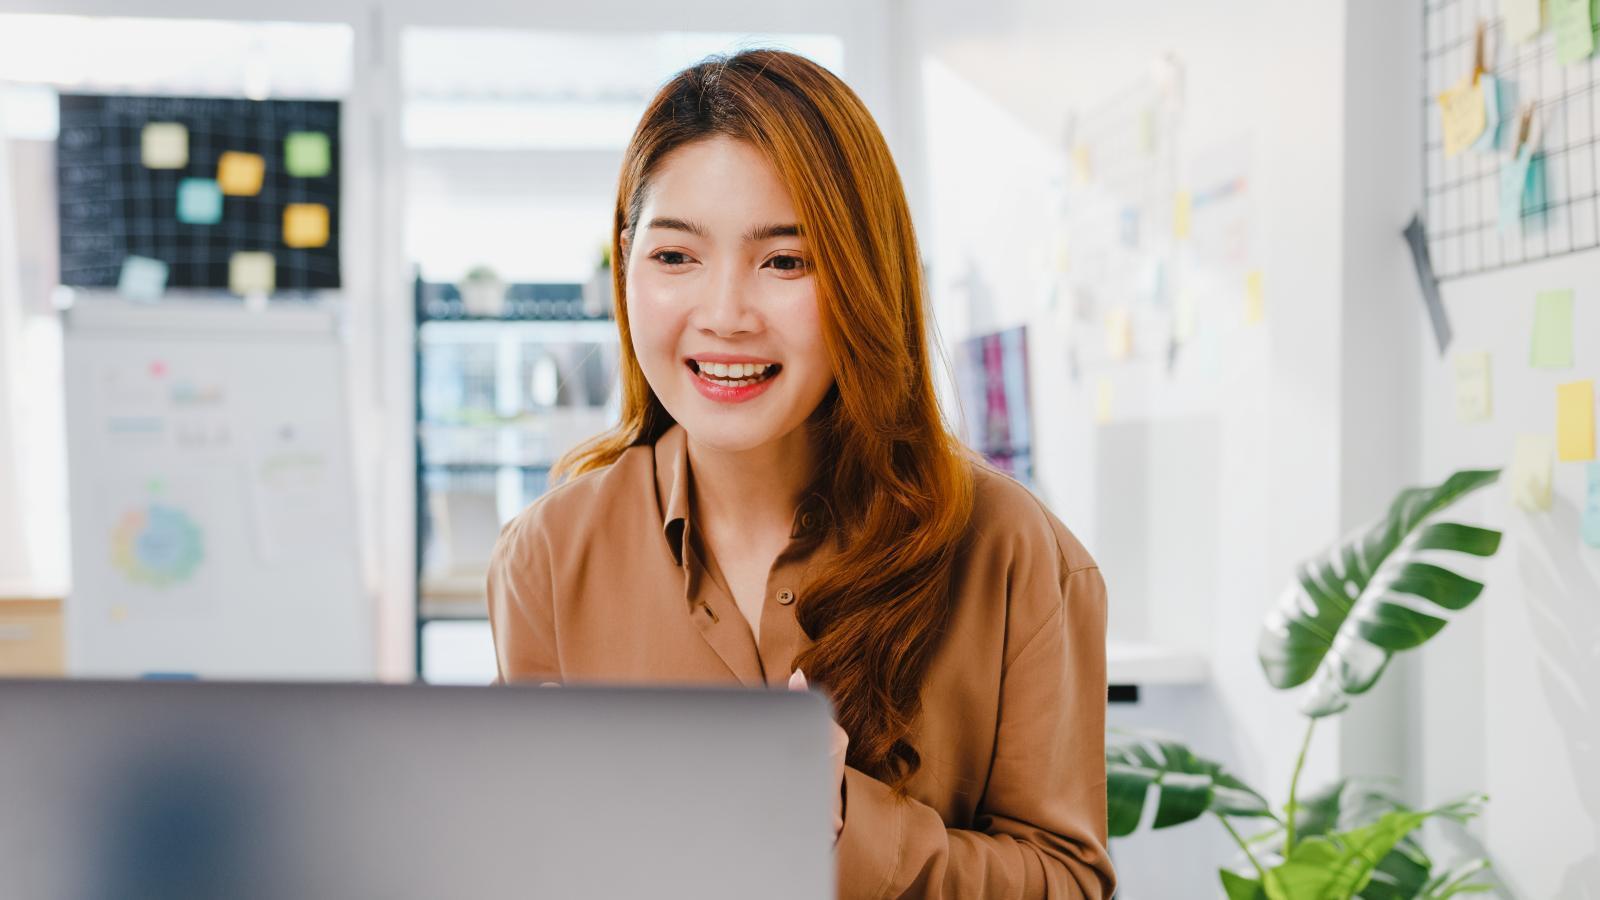 5 วิธีสร้างความประทับใจเมื่อประชุมผ่าน Zoom